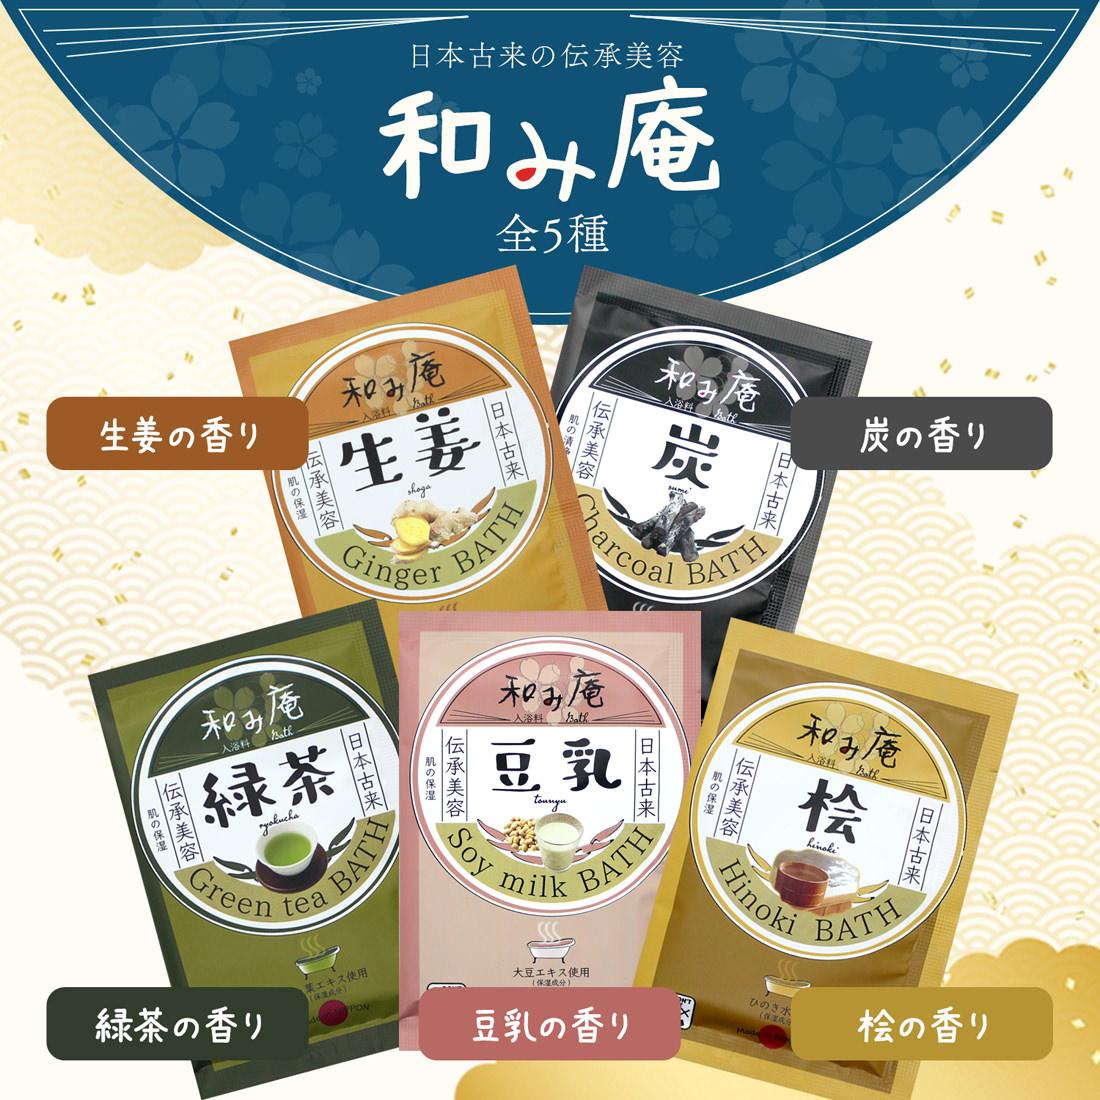 和み庵入浴剤のパッケージデザインがリニューアル!